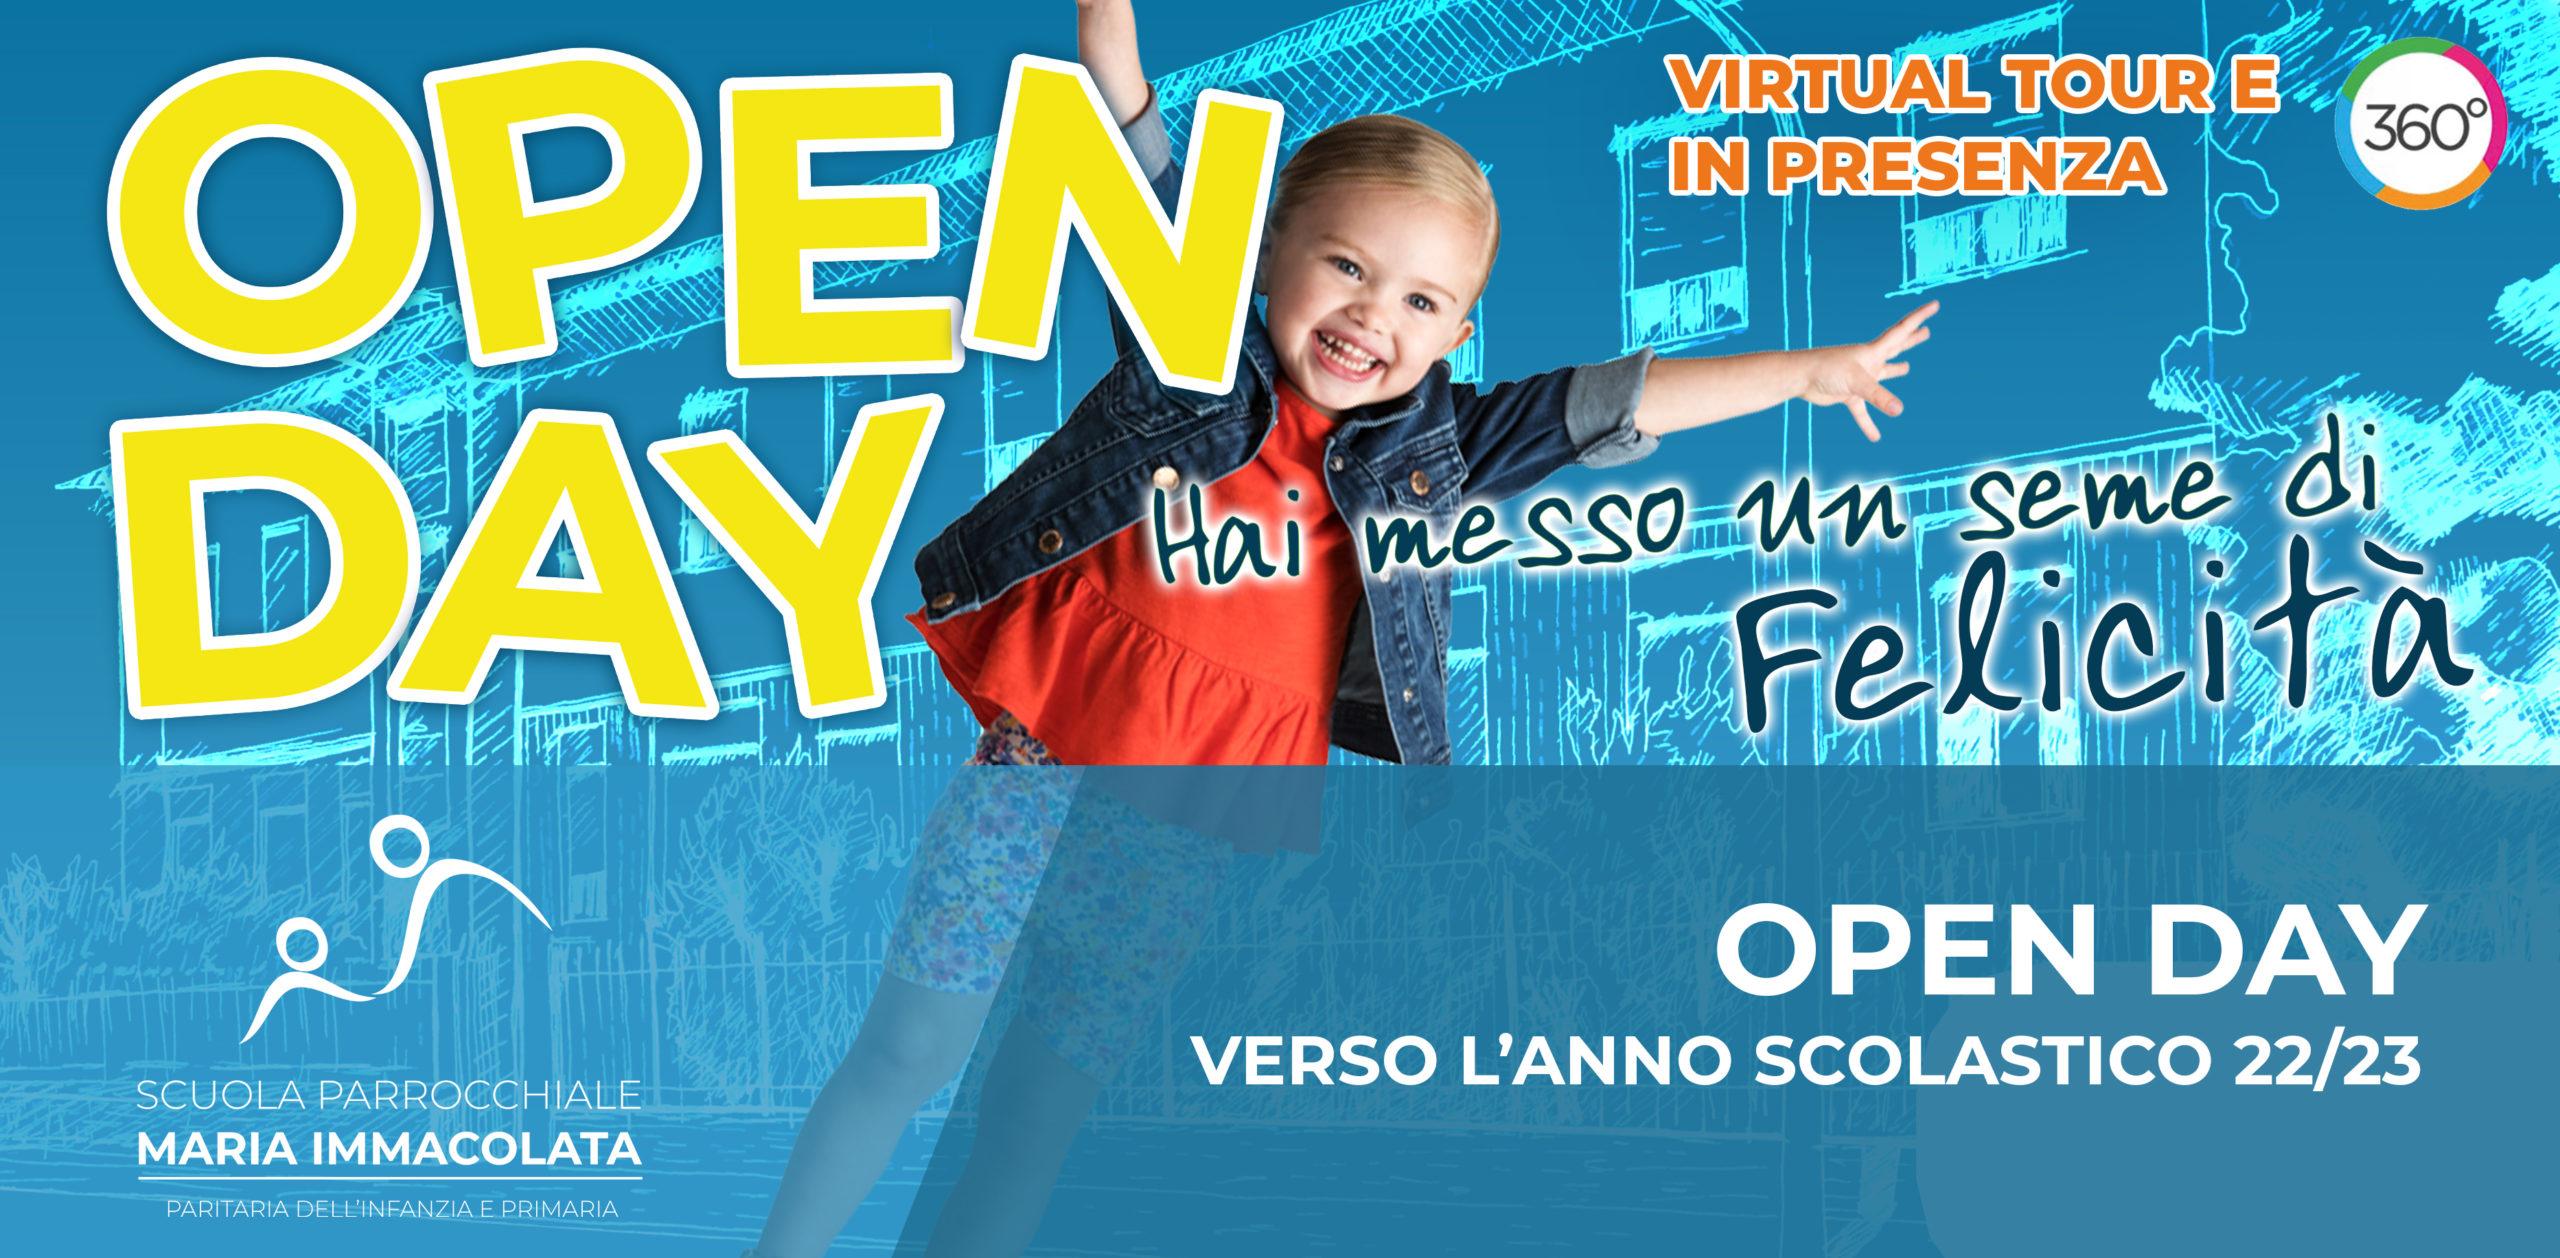 Open Day verso l'anno scolastico 2022-2023